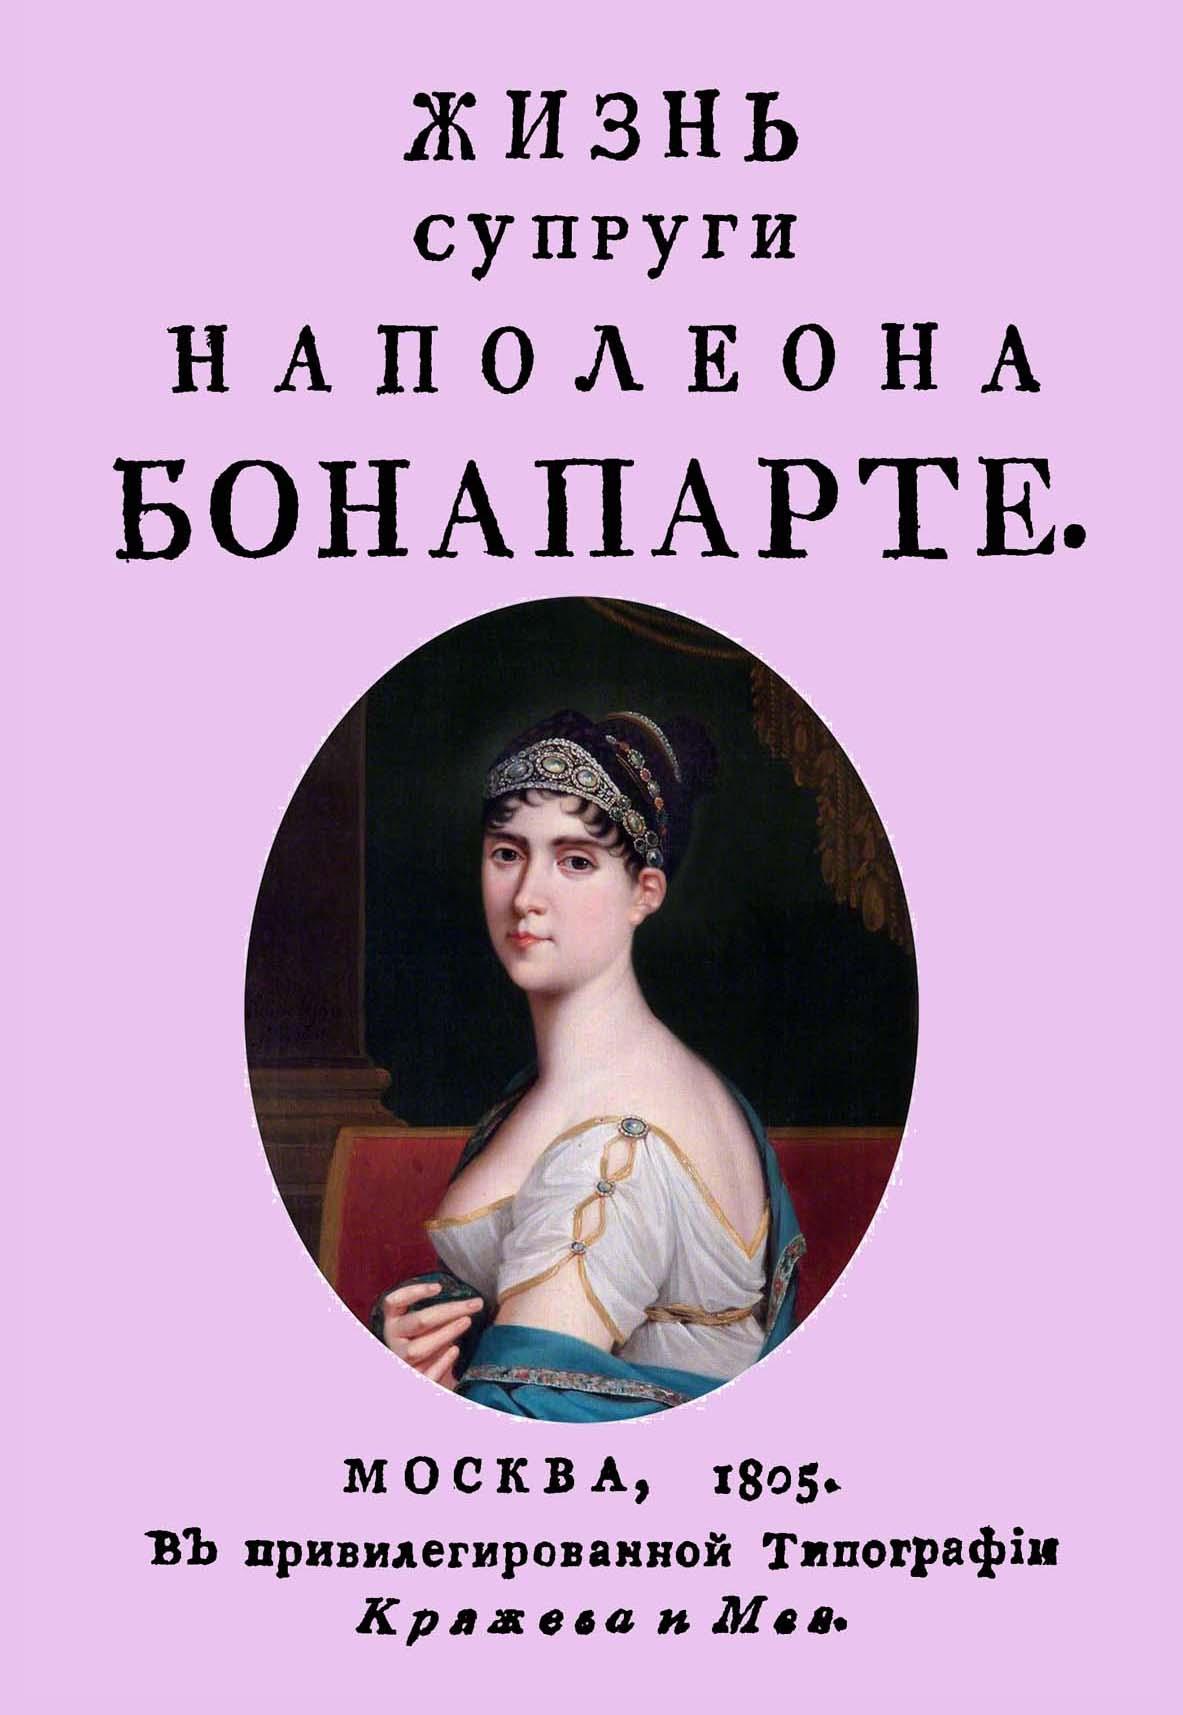 Жизнь супруги Наполеона Бонапарте christina мыльный пилинг роз де мер 55 мл rose de mer